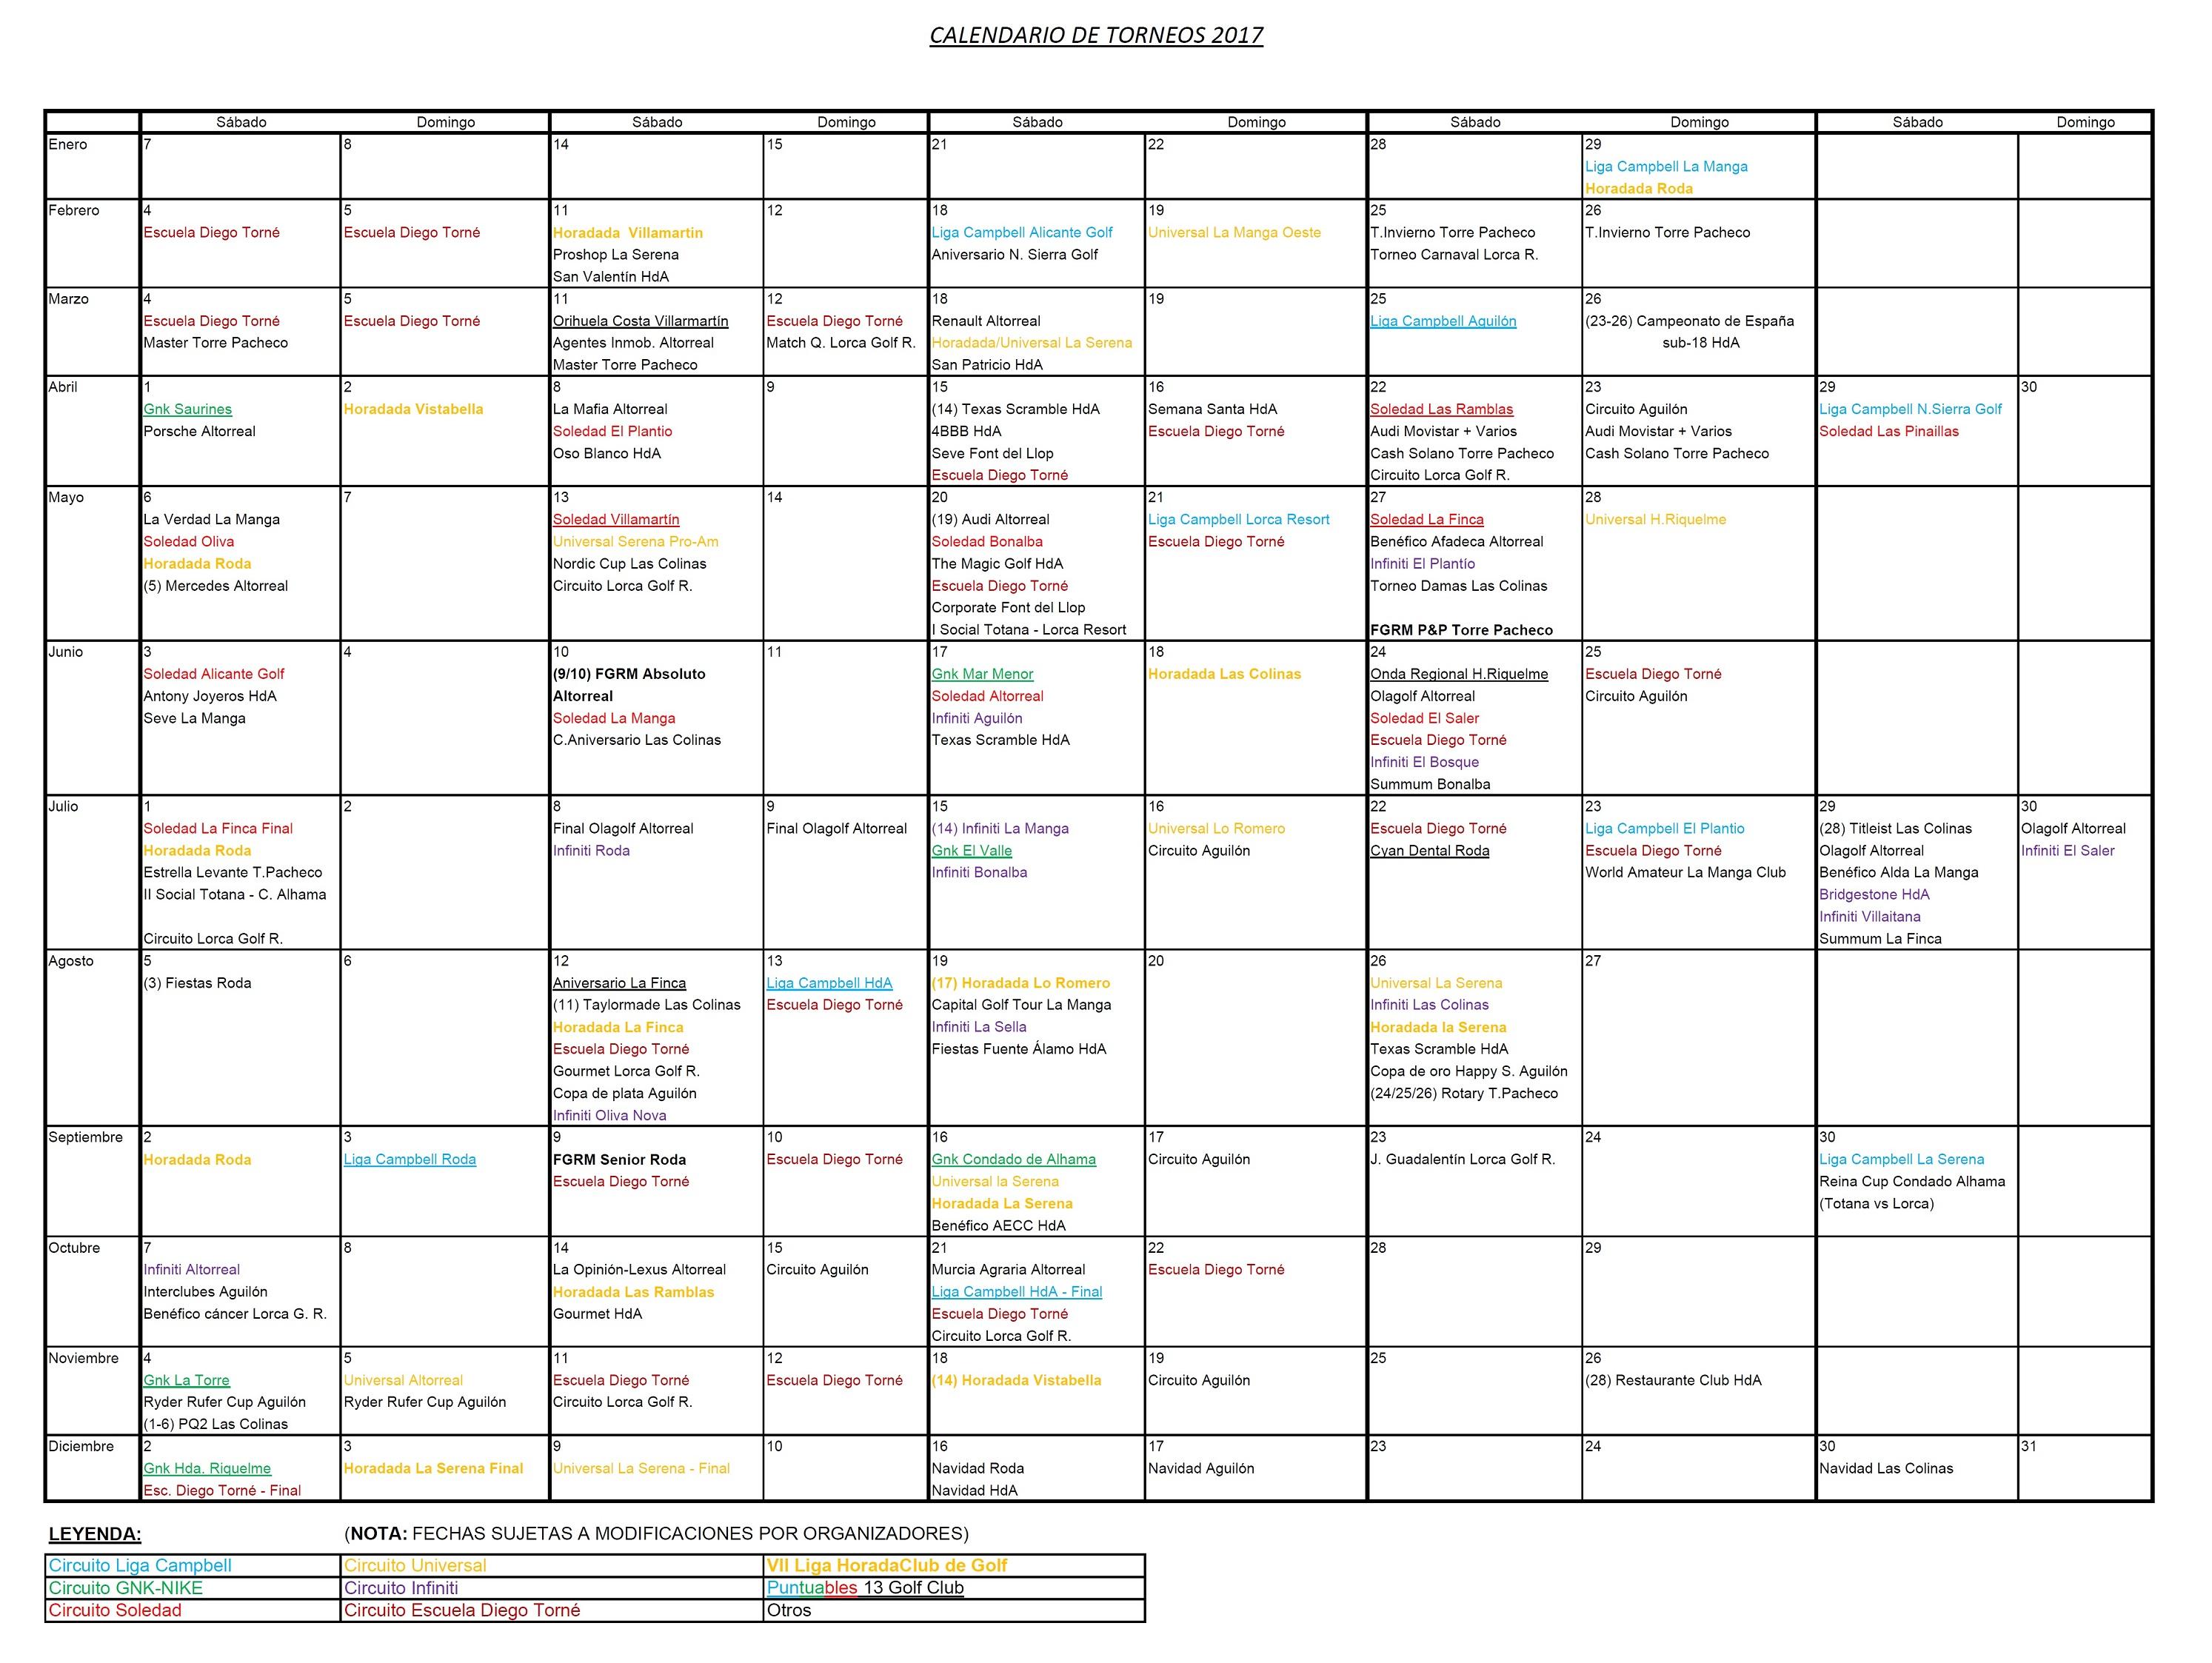 170516 Actualización de Calendario de Torneos